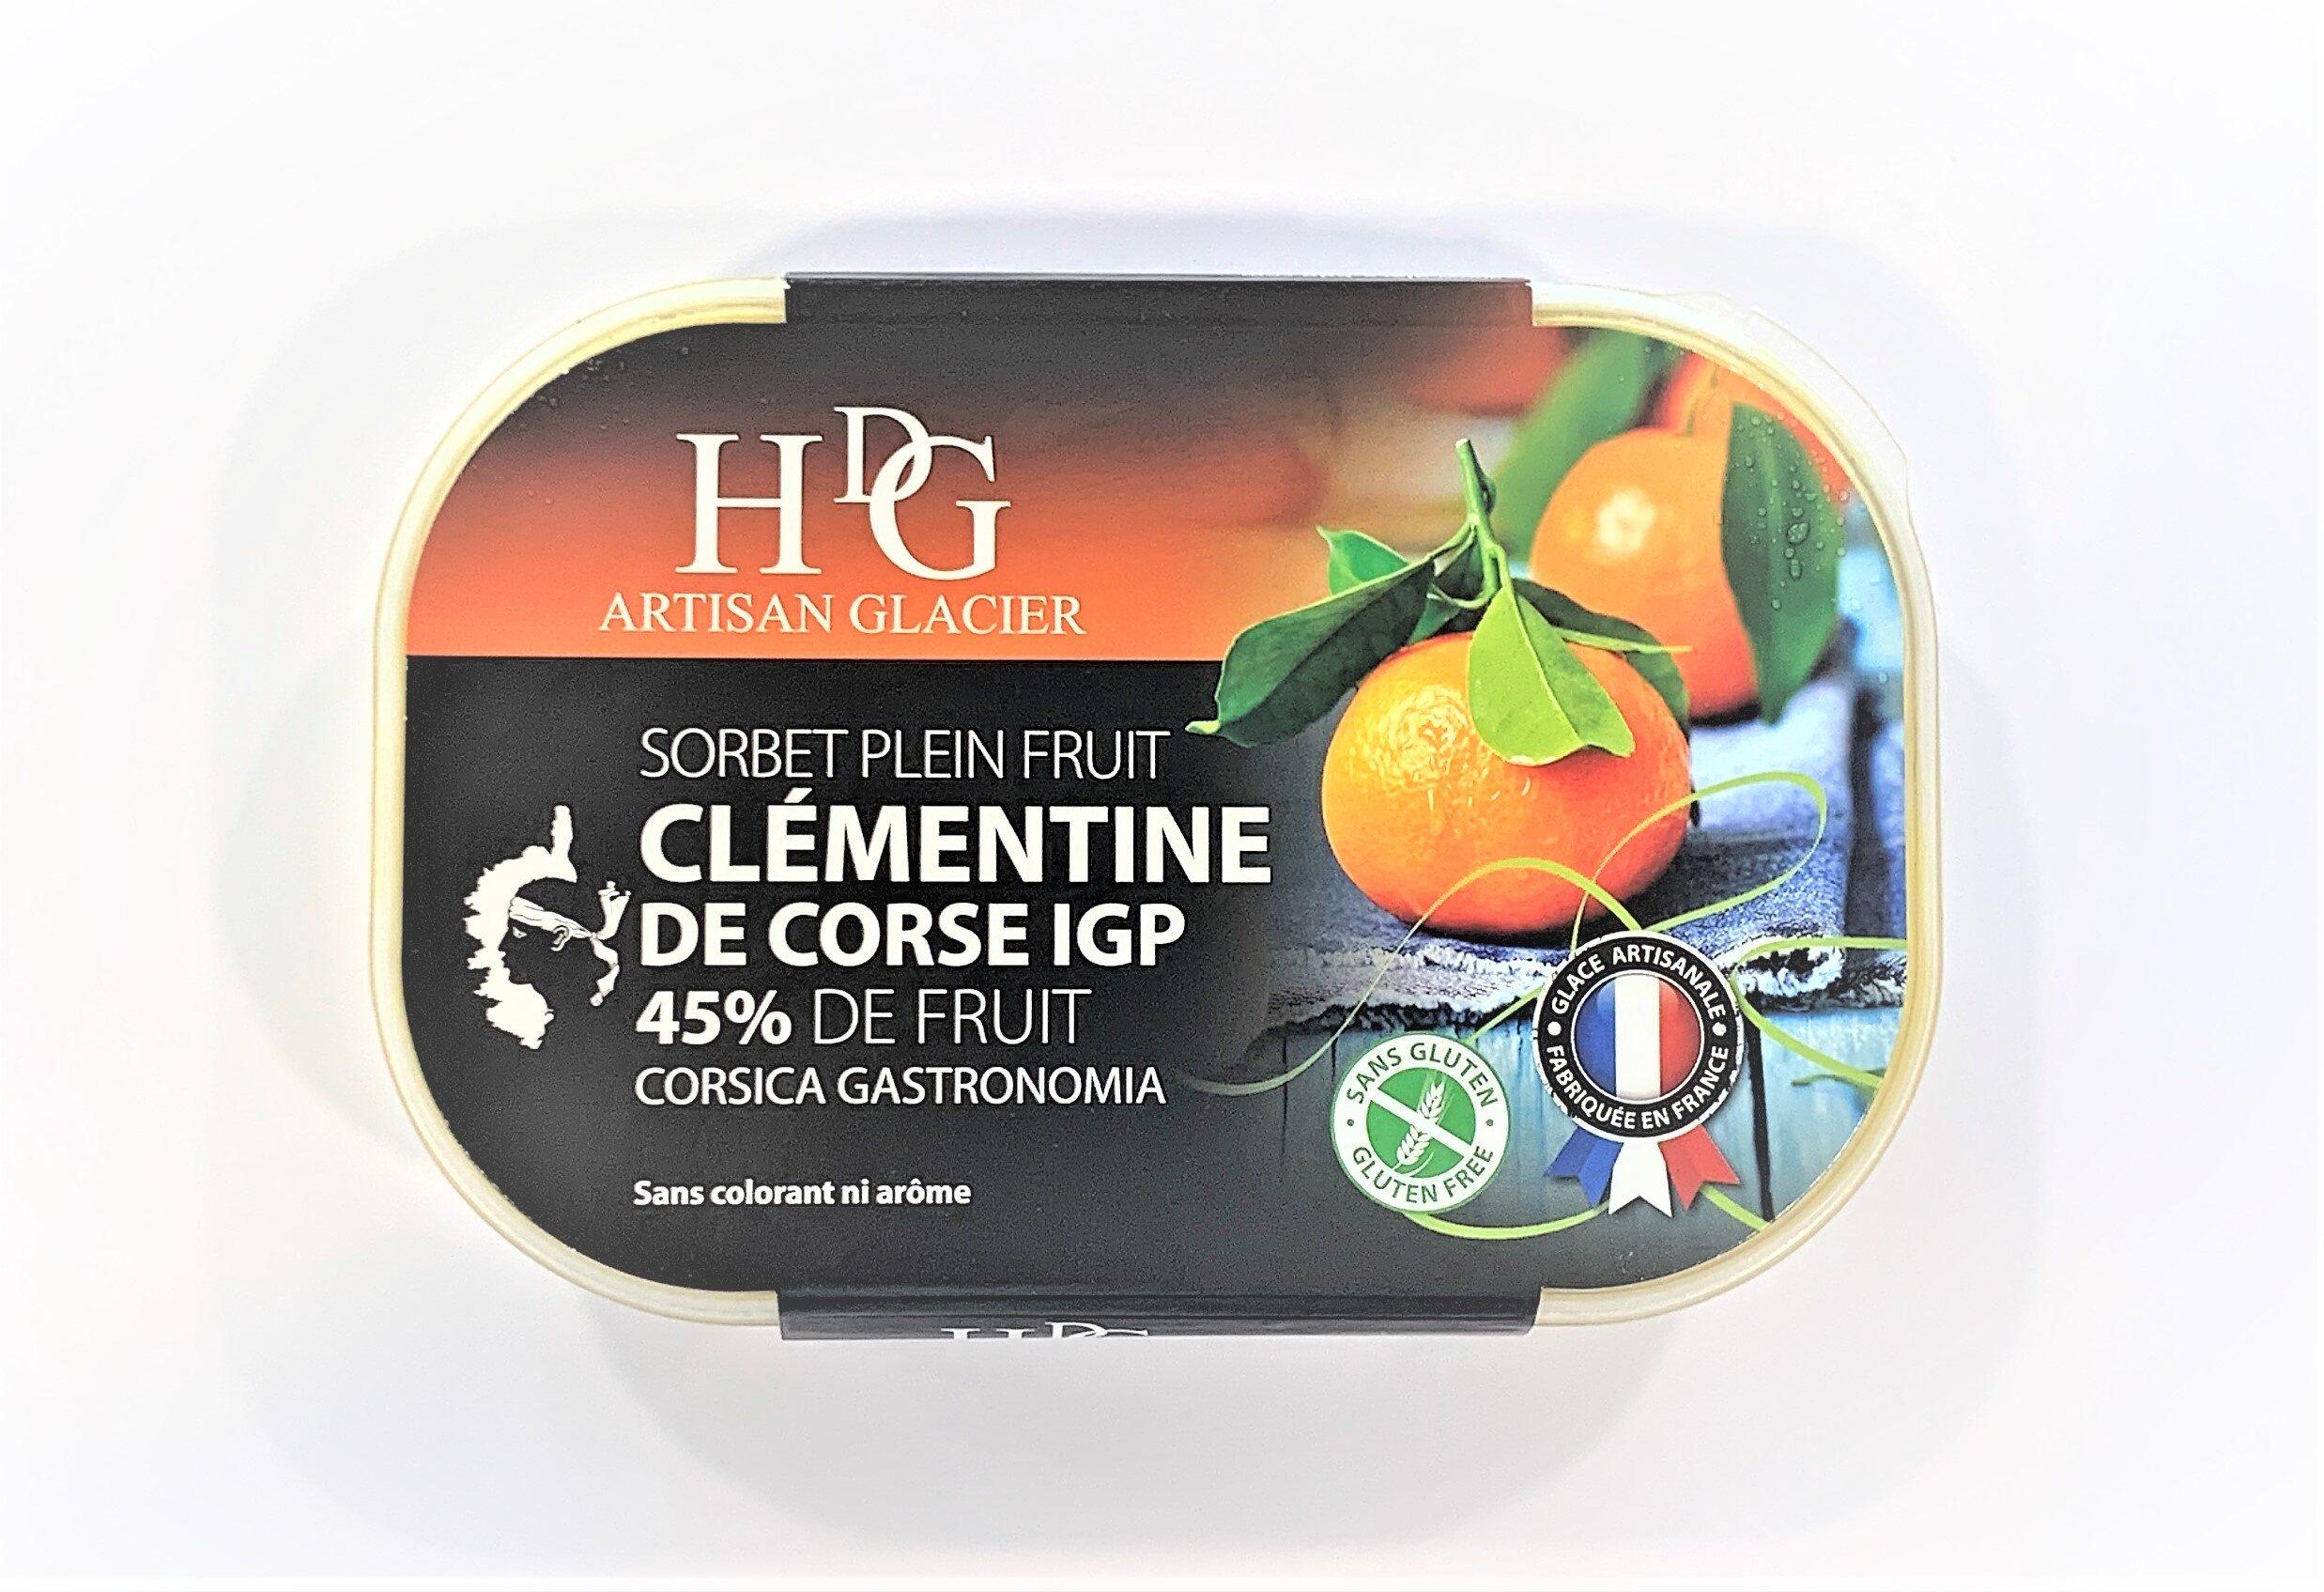 Sorbet plein fruit CLEMENTINE CORSE IGP, 45% de fruit - Product